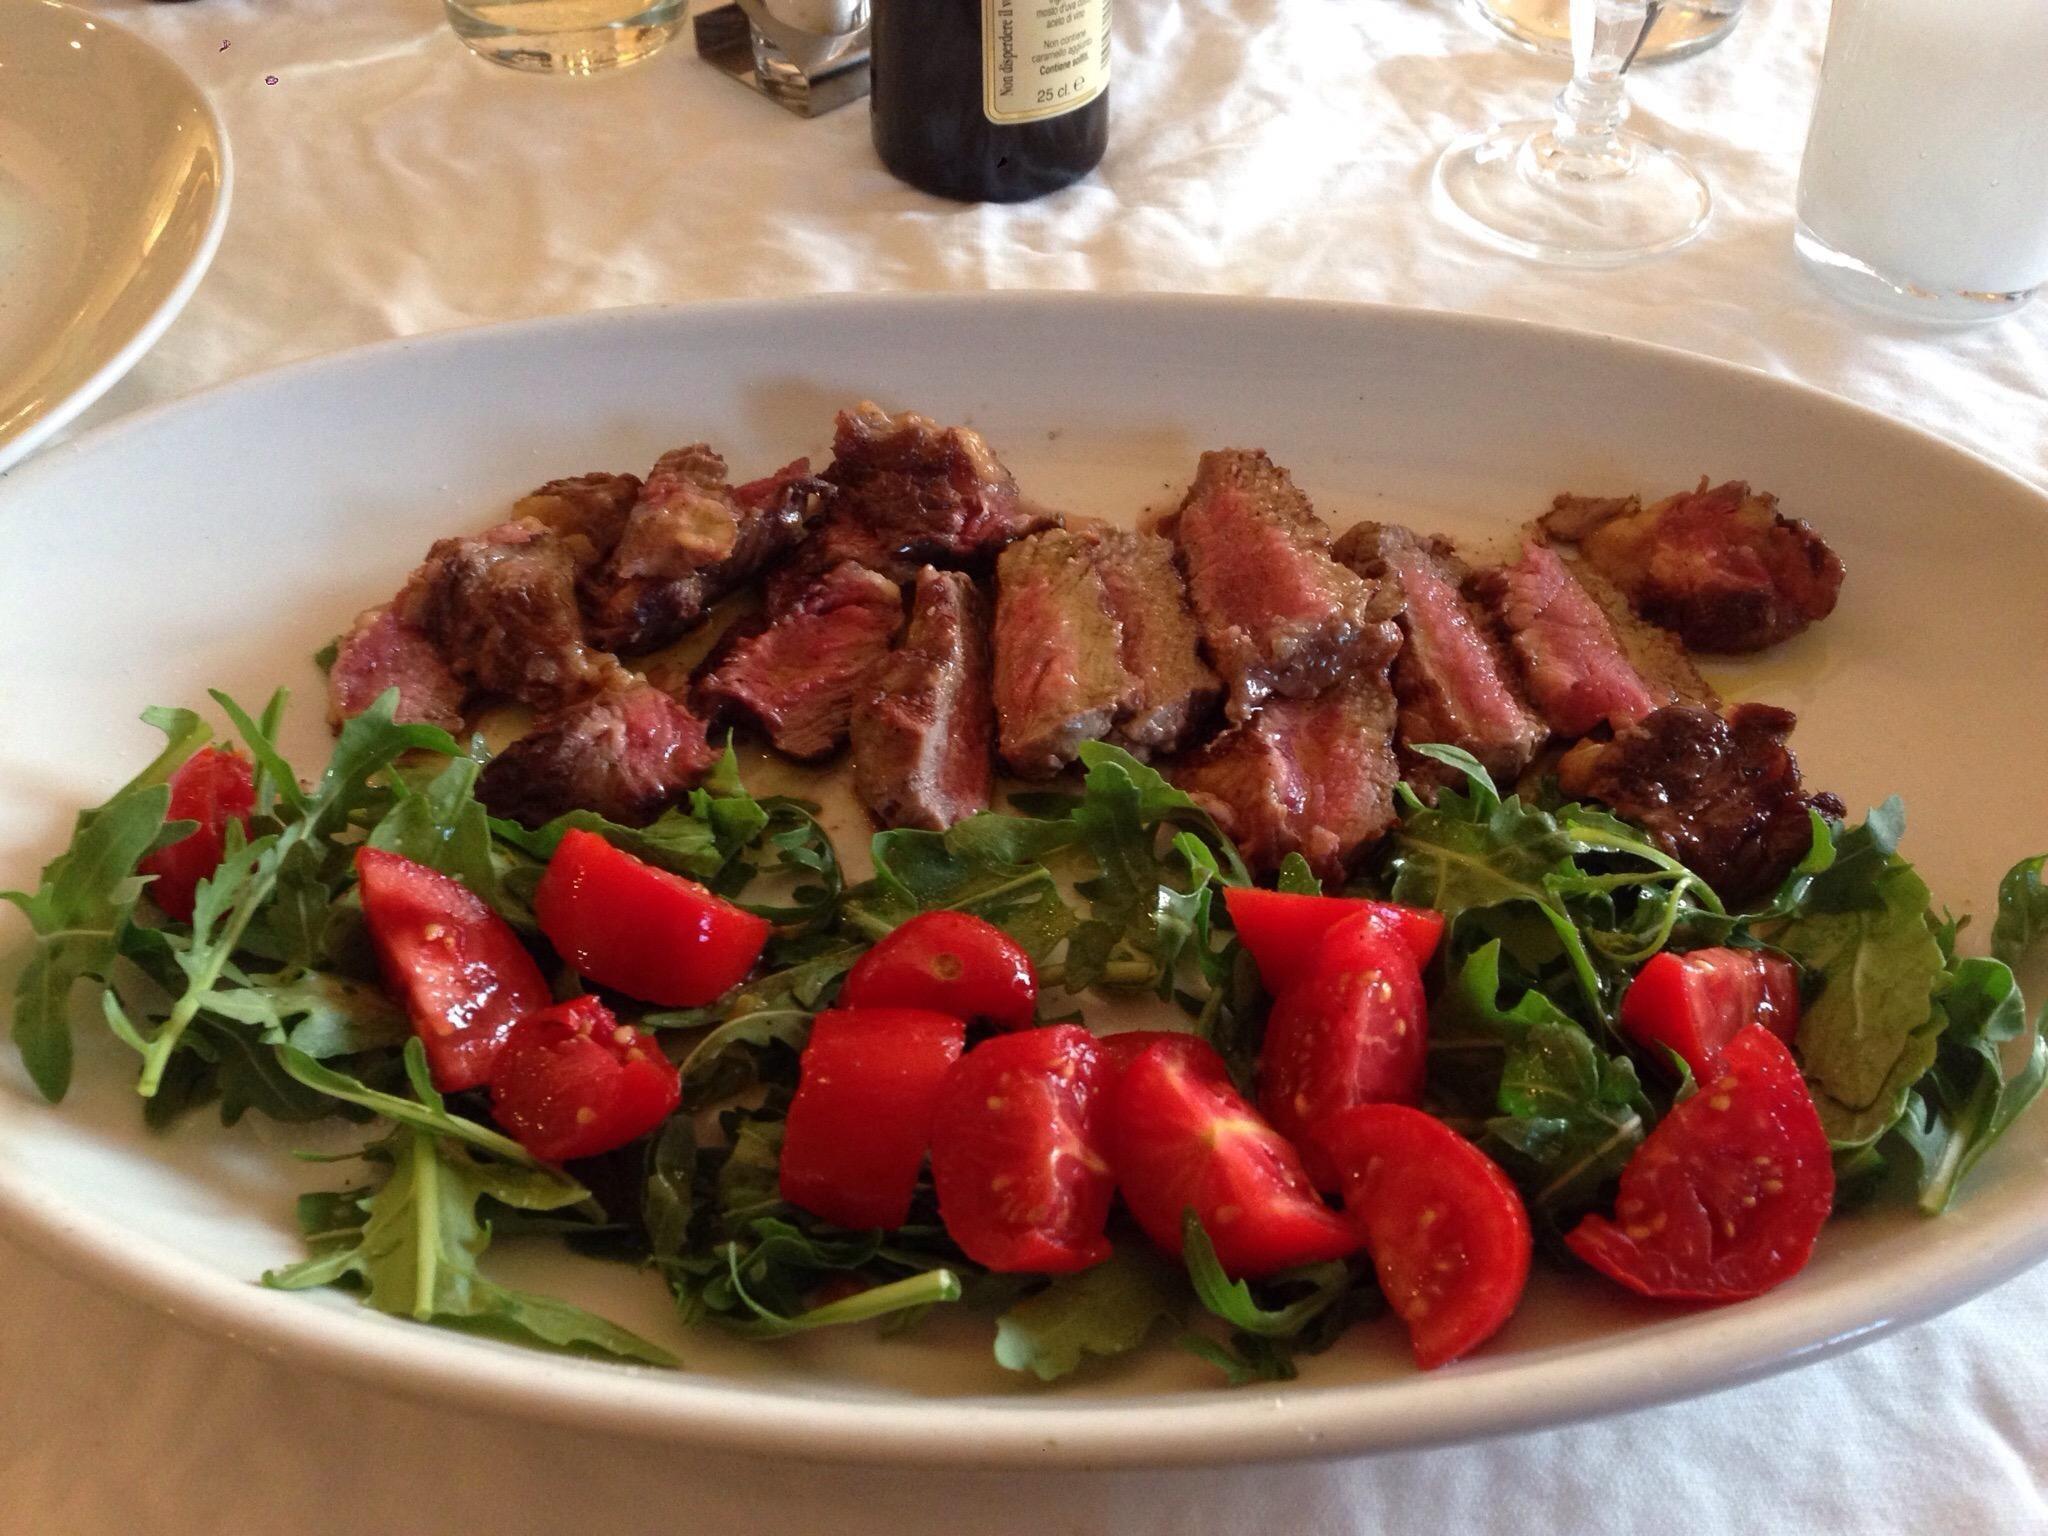 Tagliata Con Rucola E Pendolini Il Giardino Della Galla Oyrmpino Kritikes Estiatoriwn Tripadvisor Cooking Food Italian Cooking